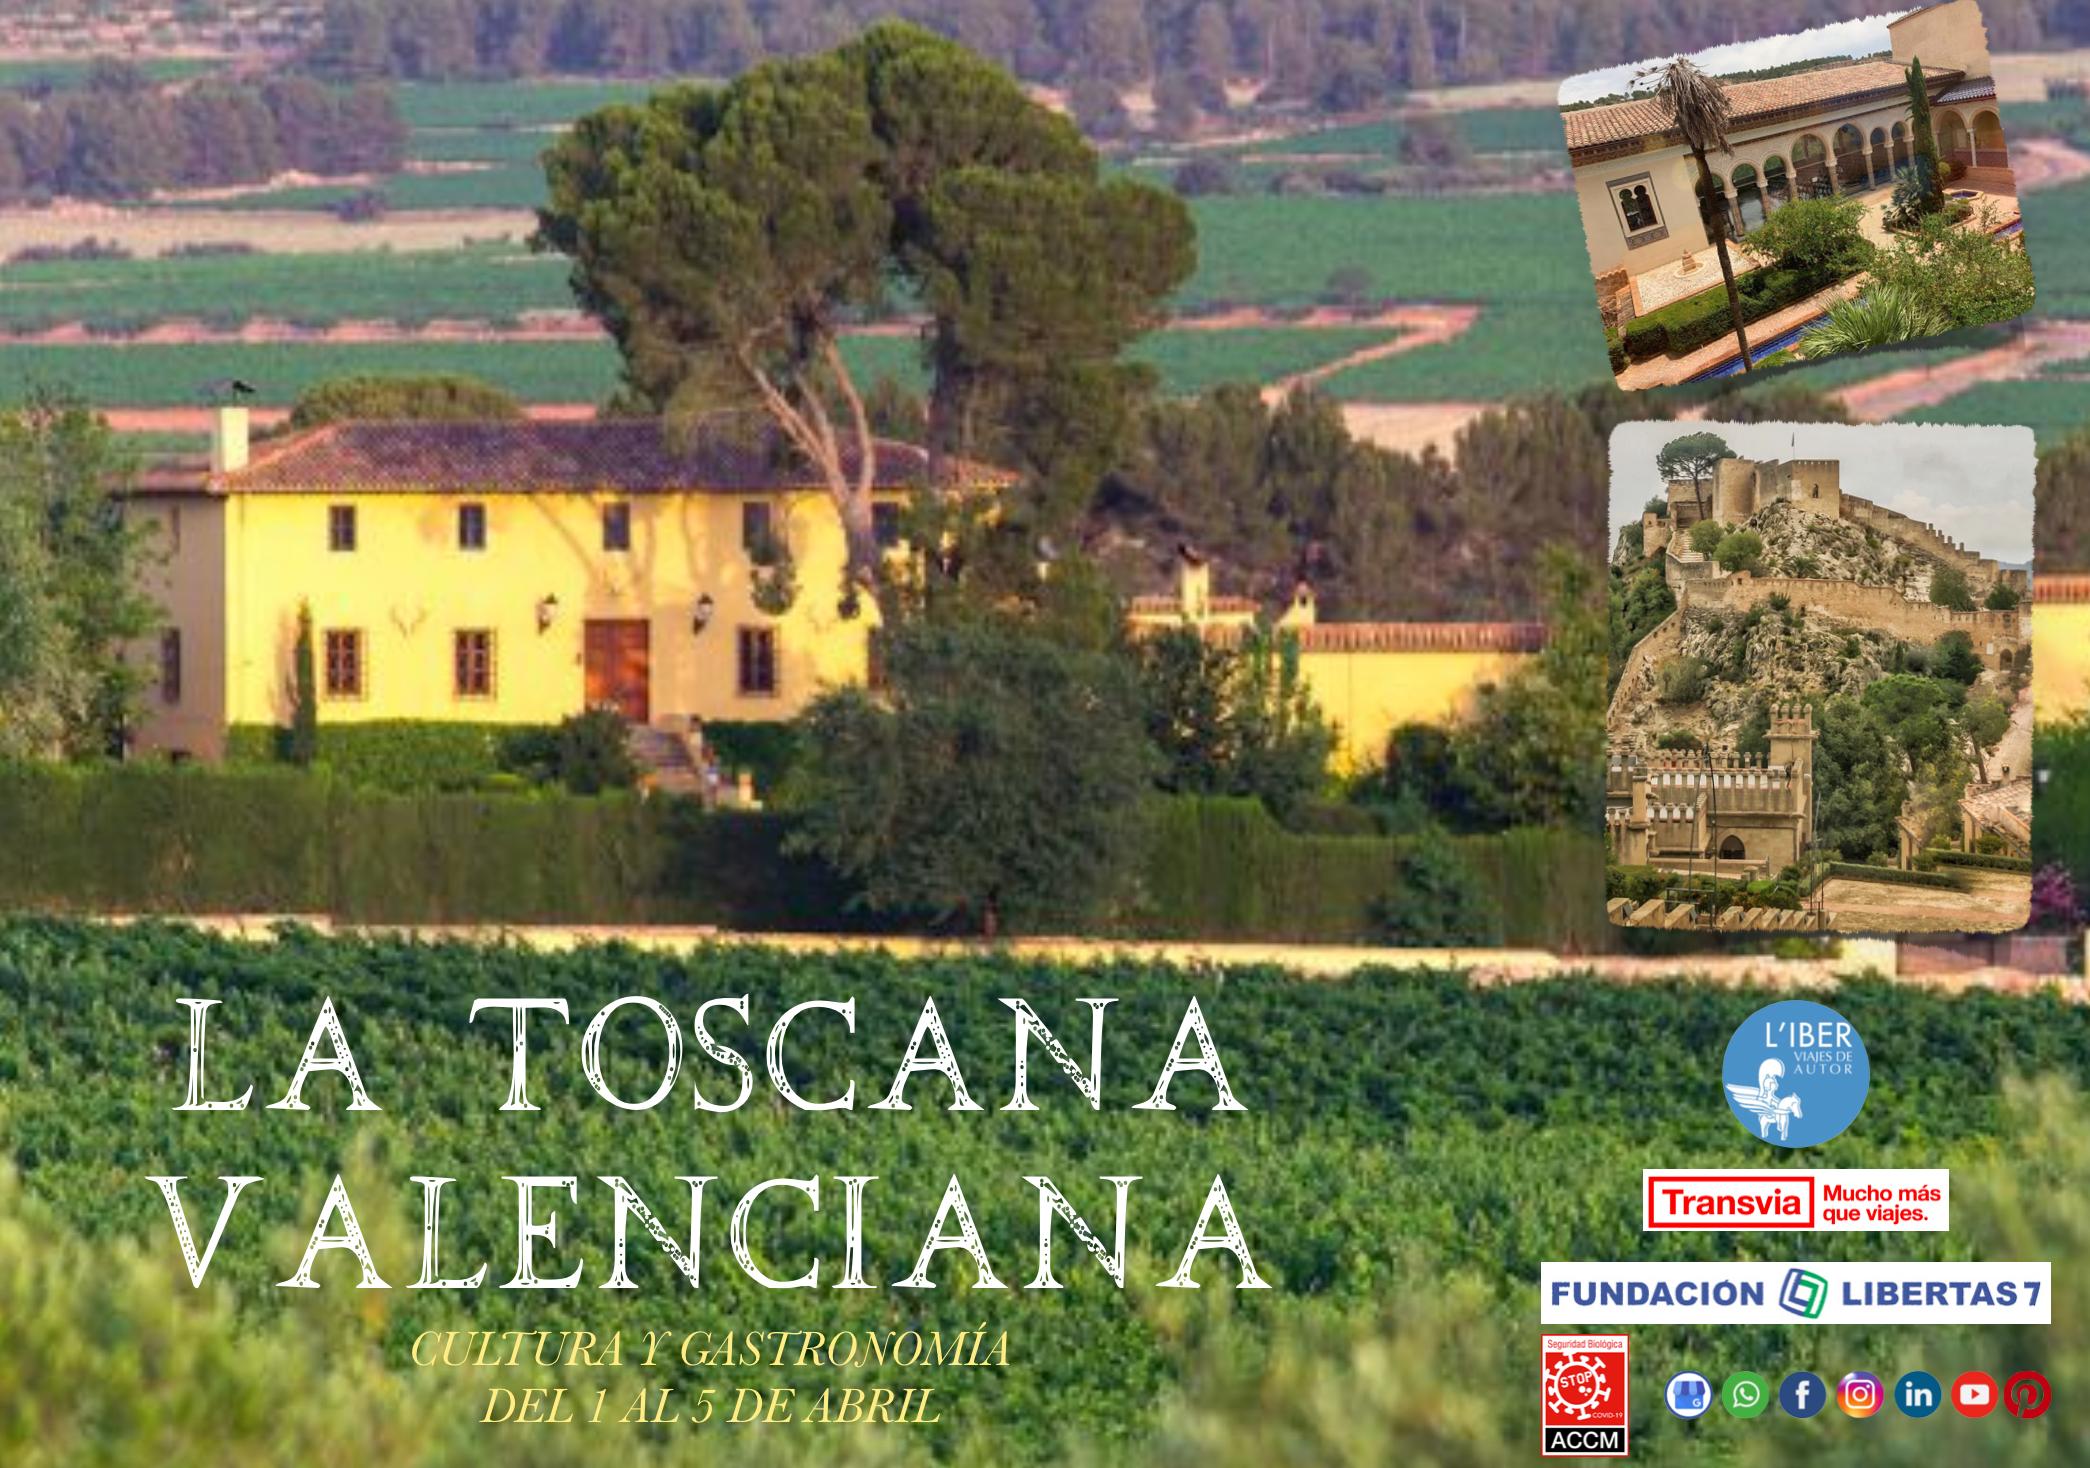 viaje a la Toscana valenciana de Liber